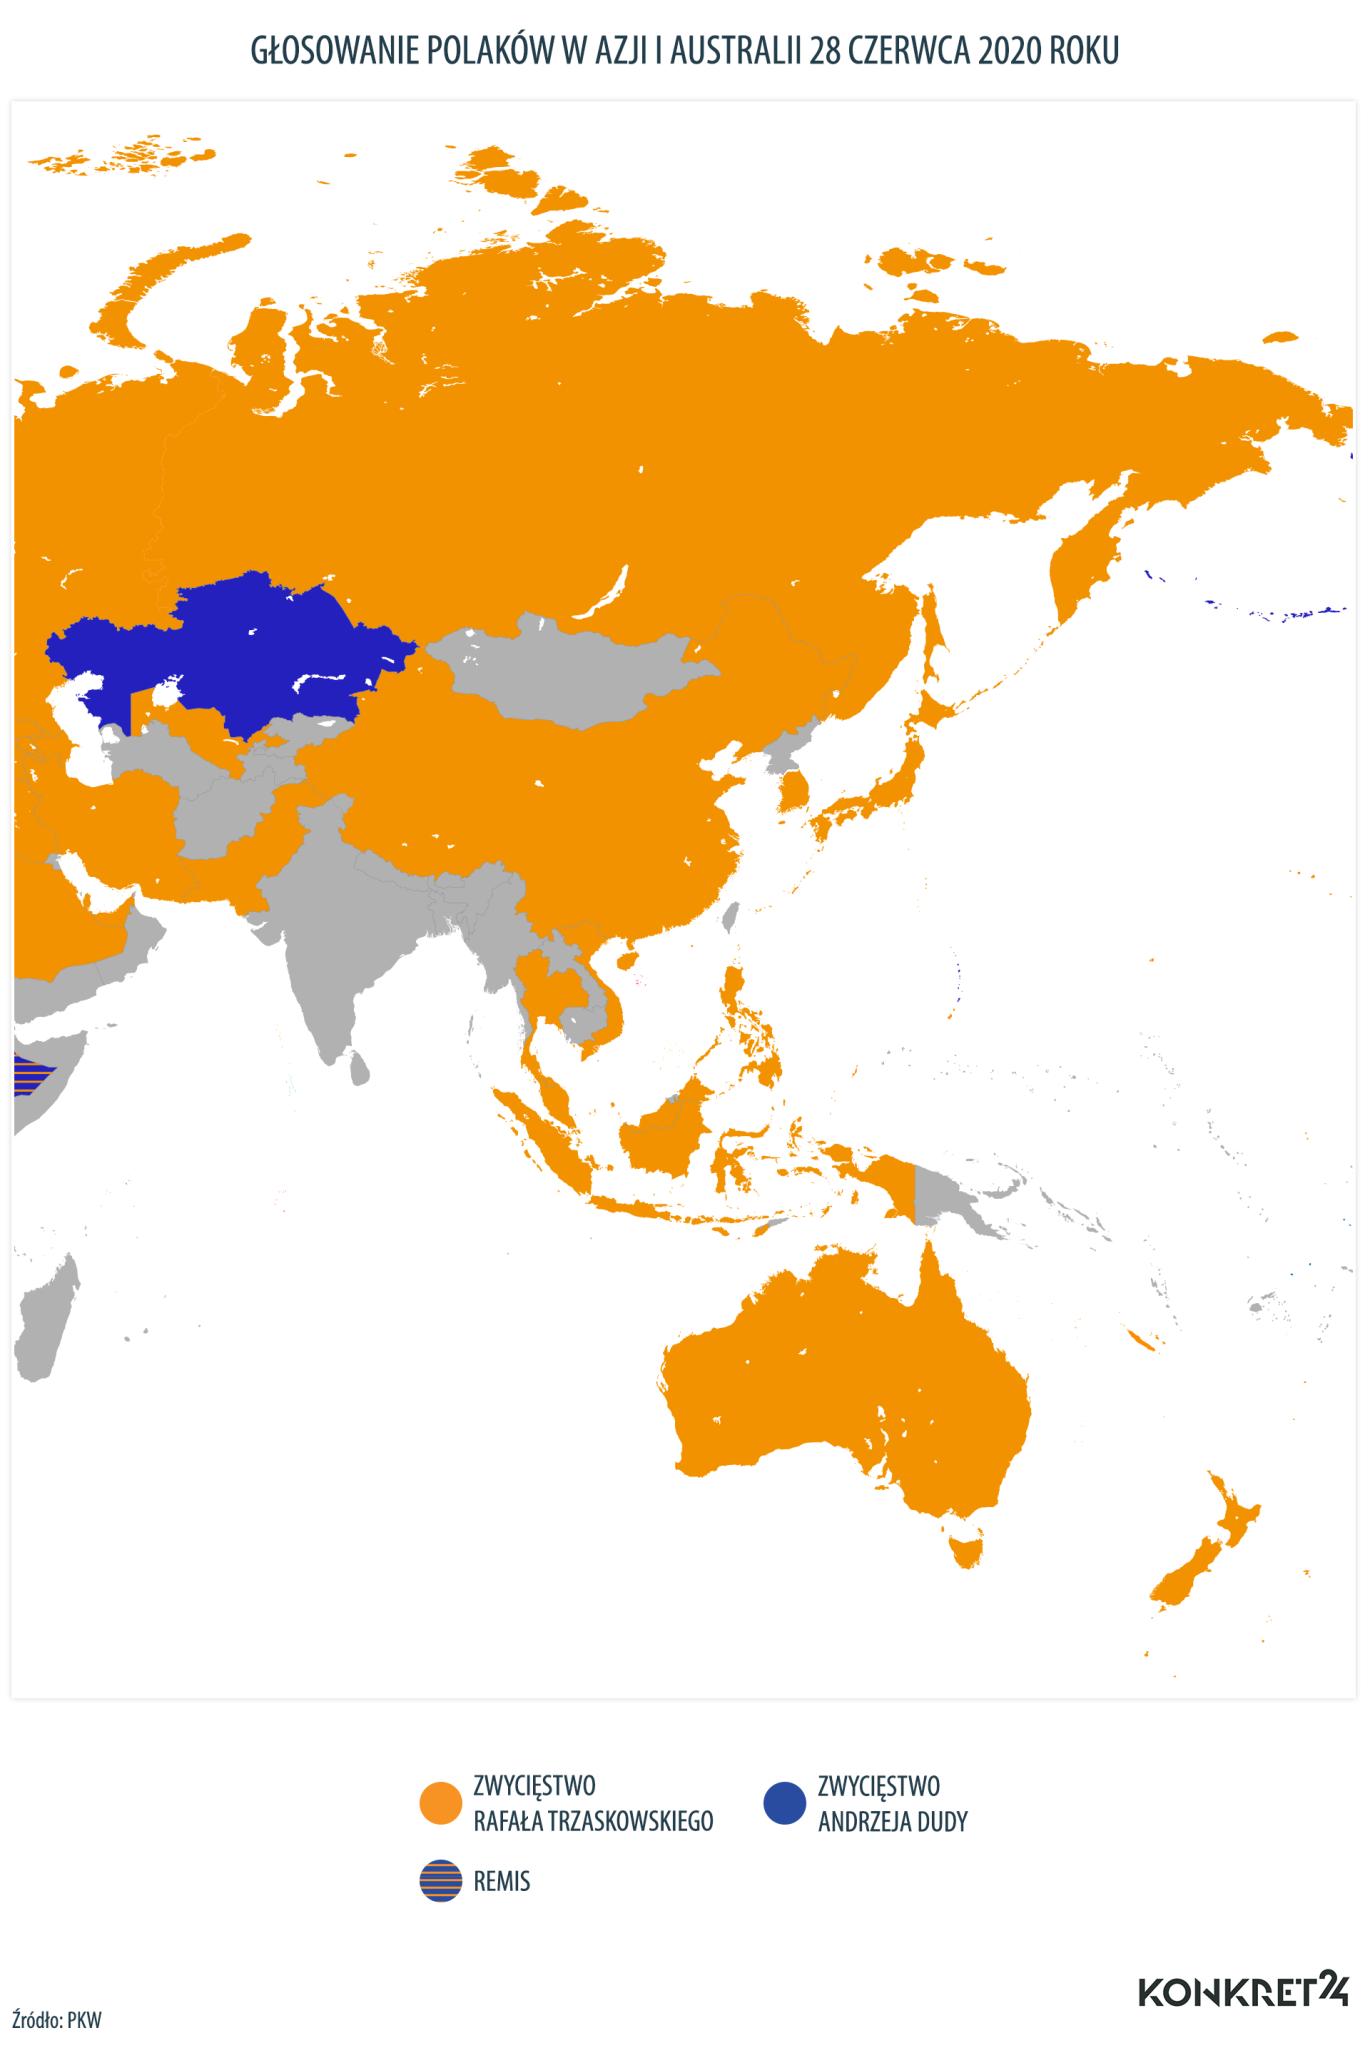 Głosowanie Polaków w Azji i Australii w I turze wyborów prezydenckich w 2020 roku